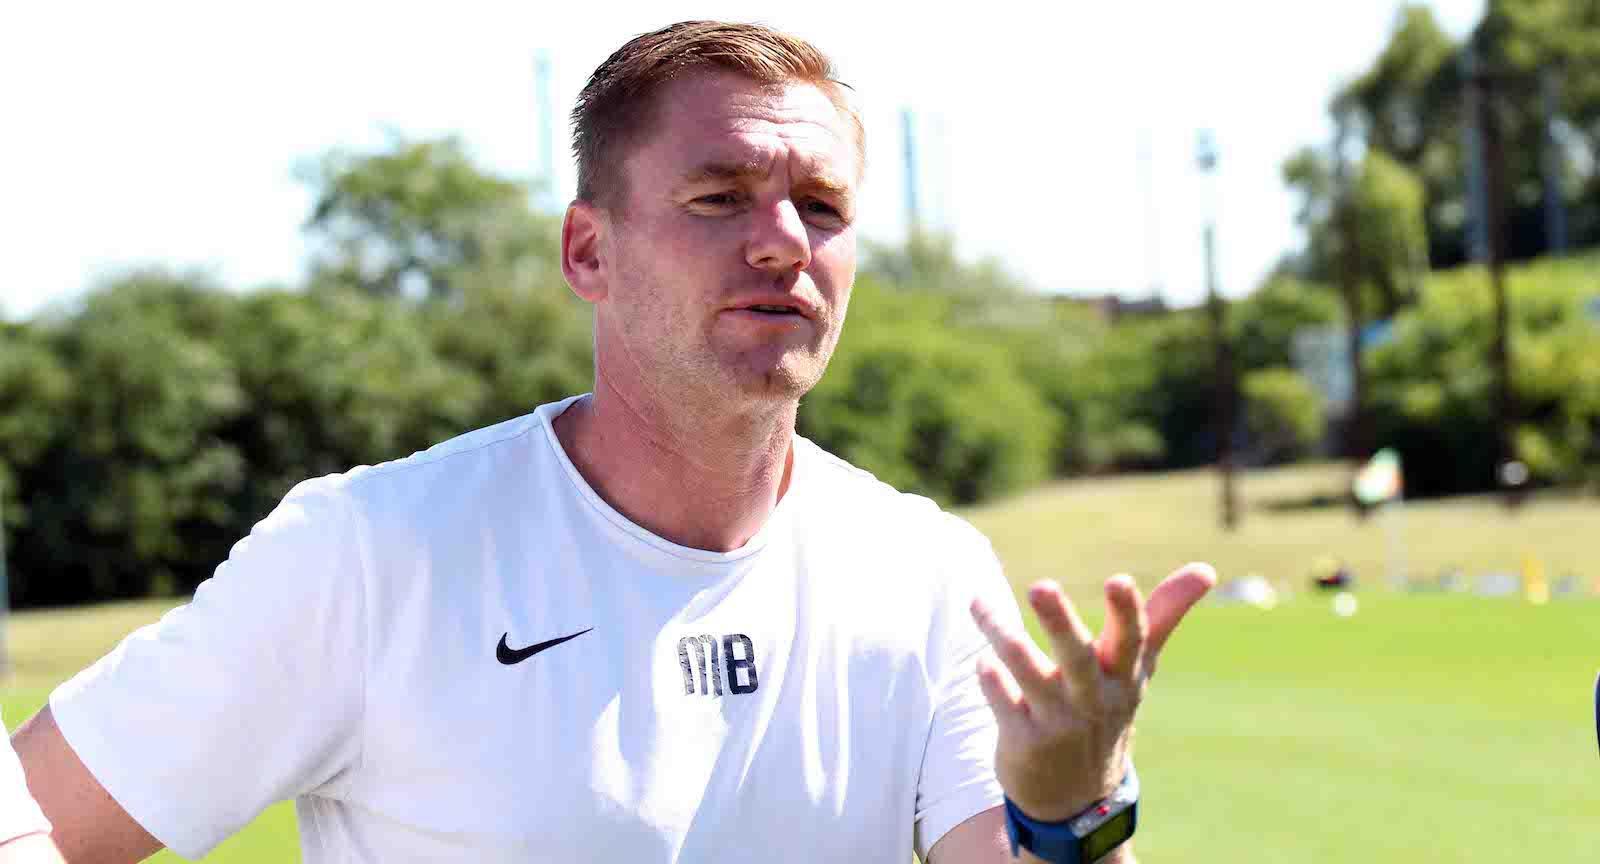 Portré: Michael Boris a Nemzeti Sport mellékletében (lapszemle)